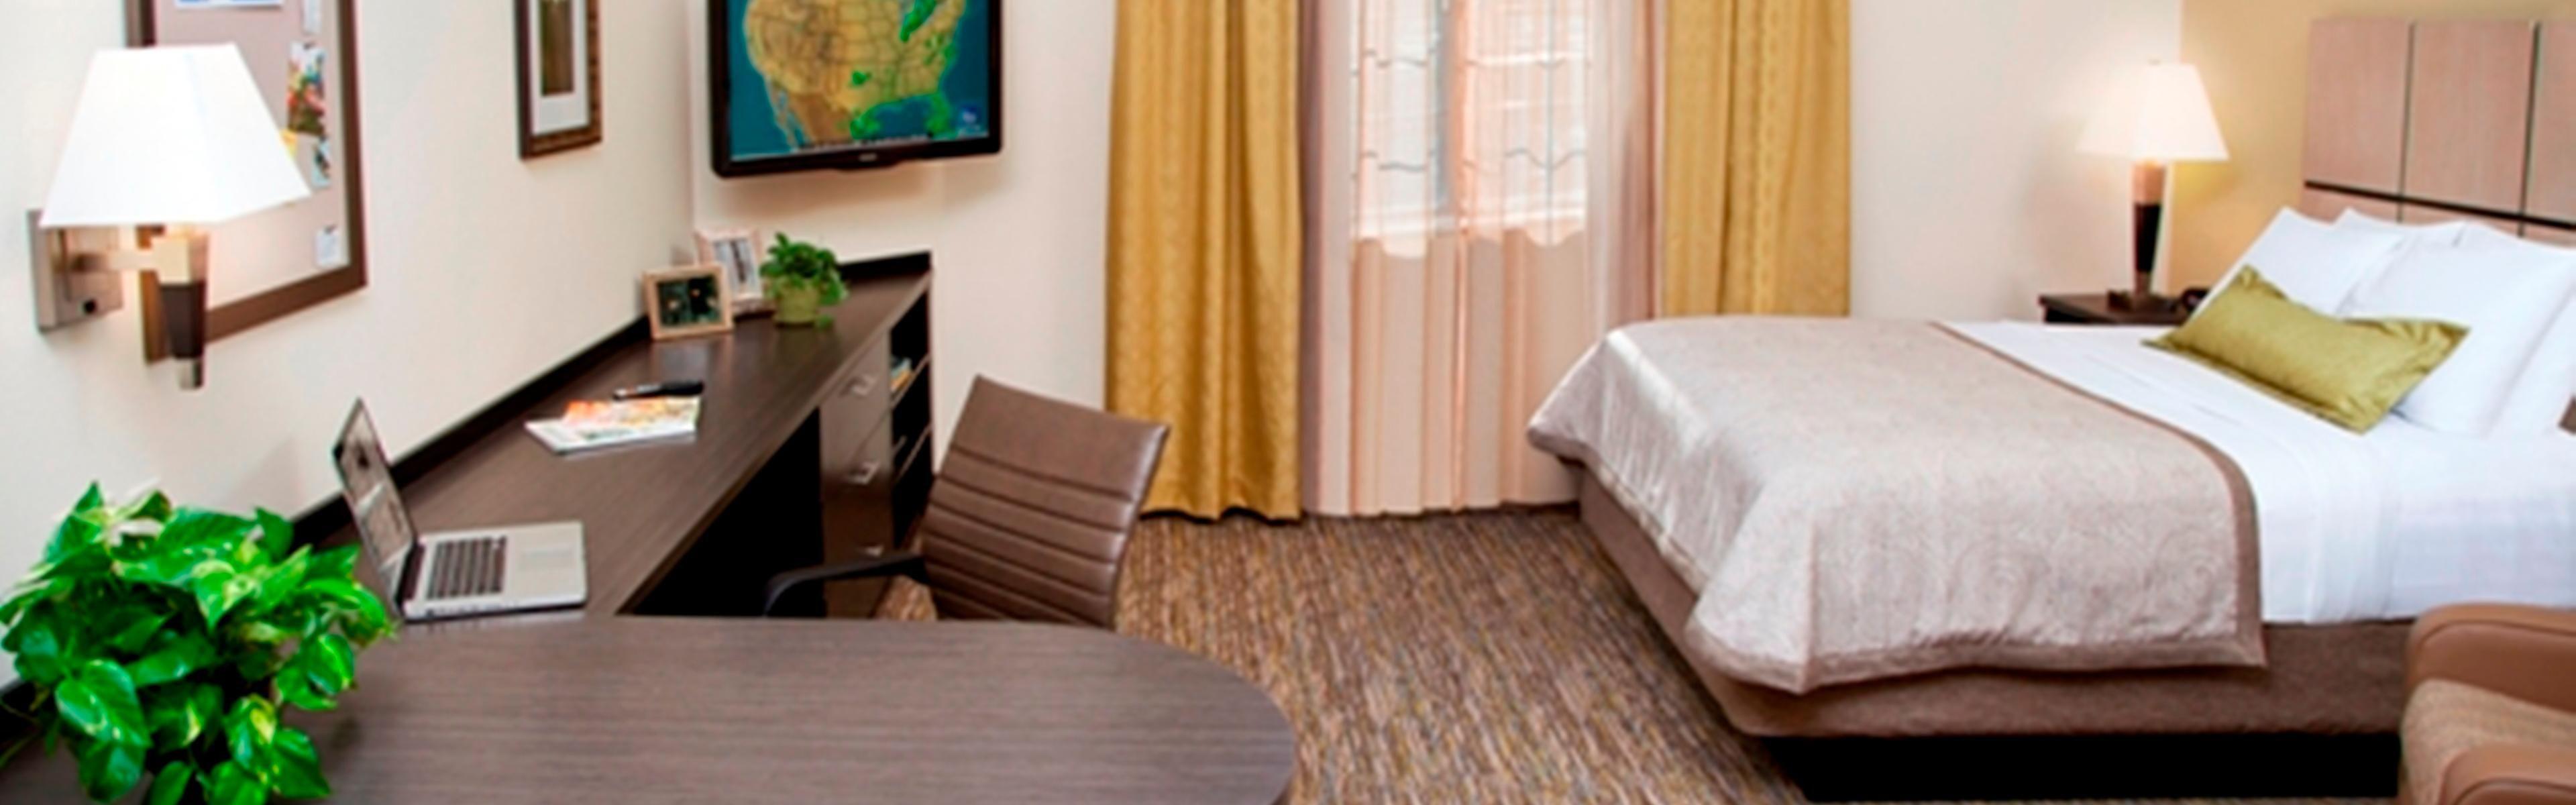 Candlewood Suites Vestal - Binghamton image 1